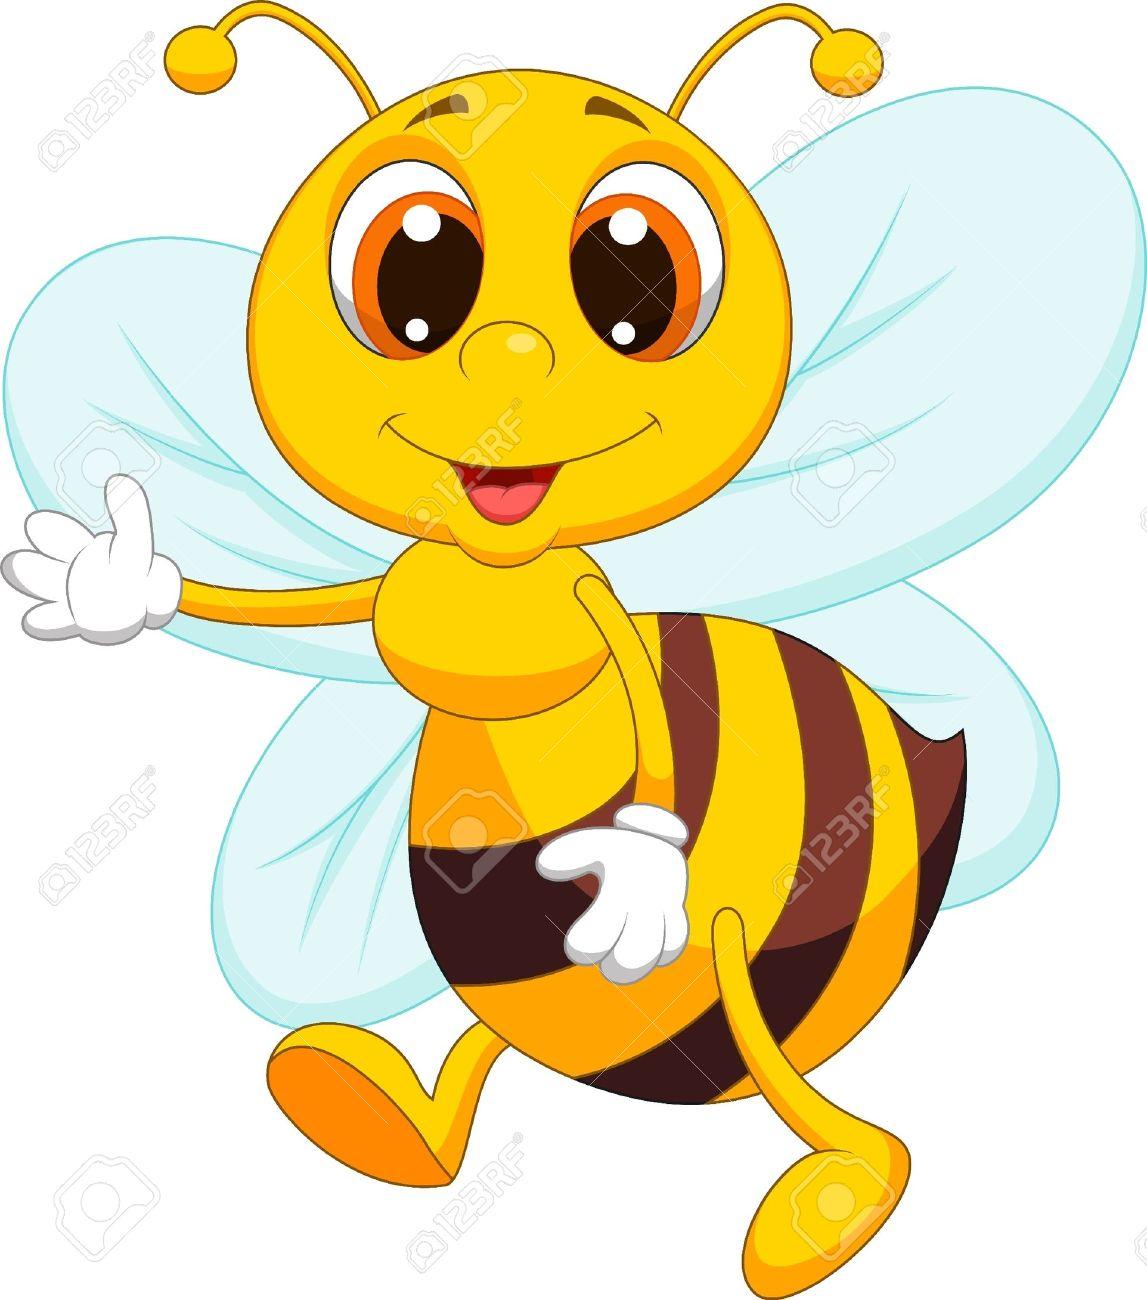 Cute bee cartoon waving Stock Vector - 19864800